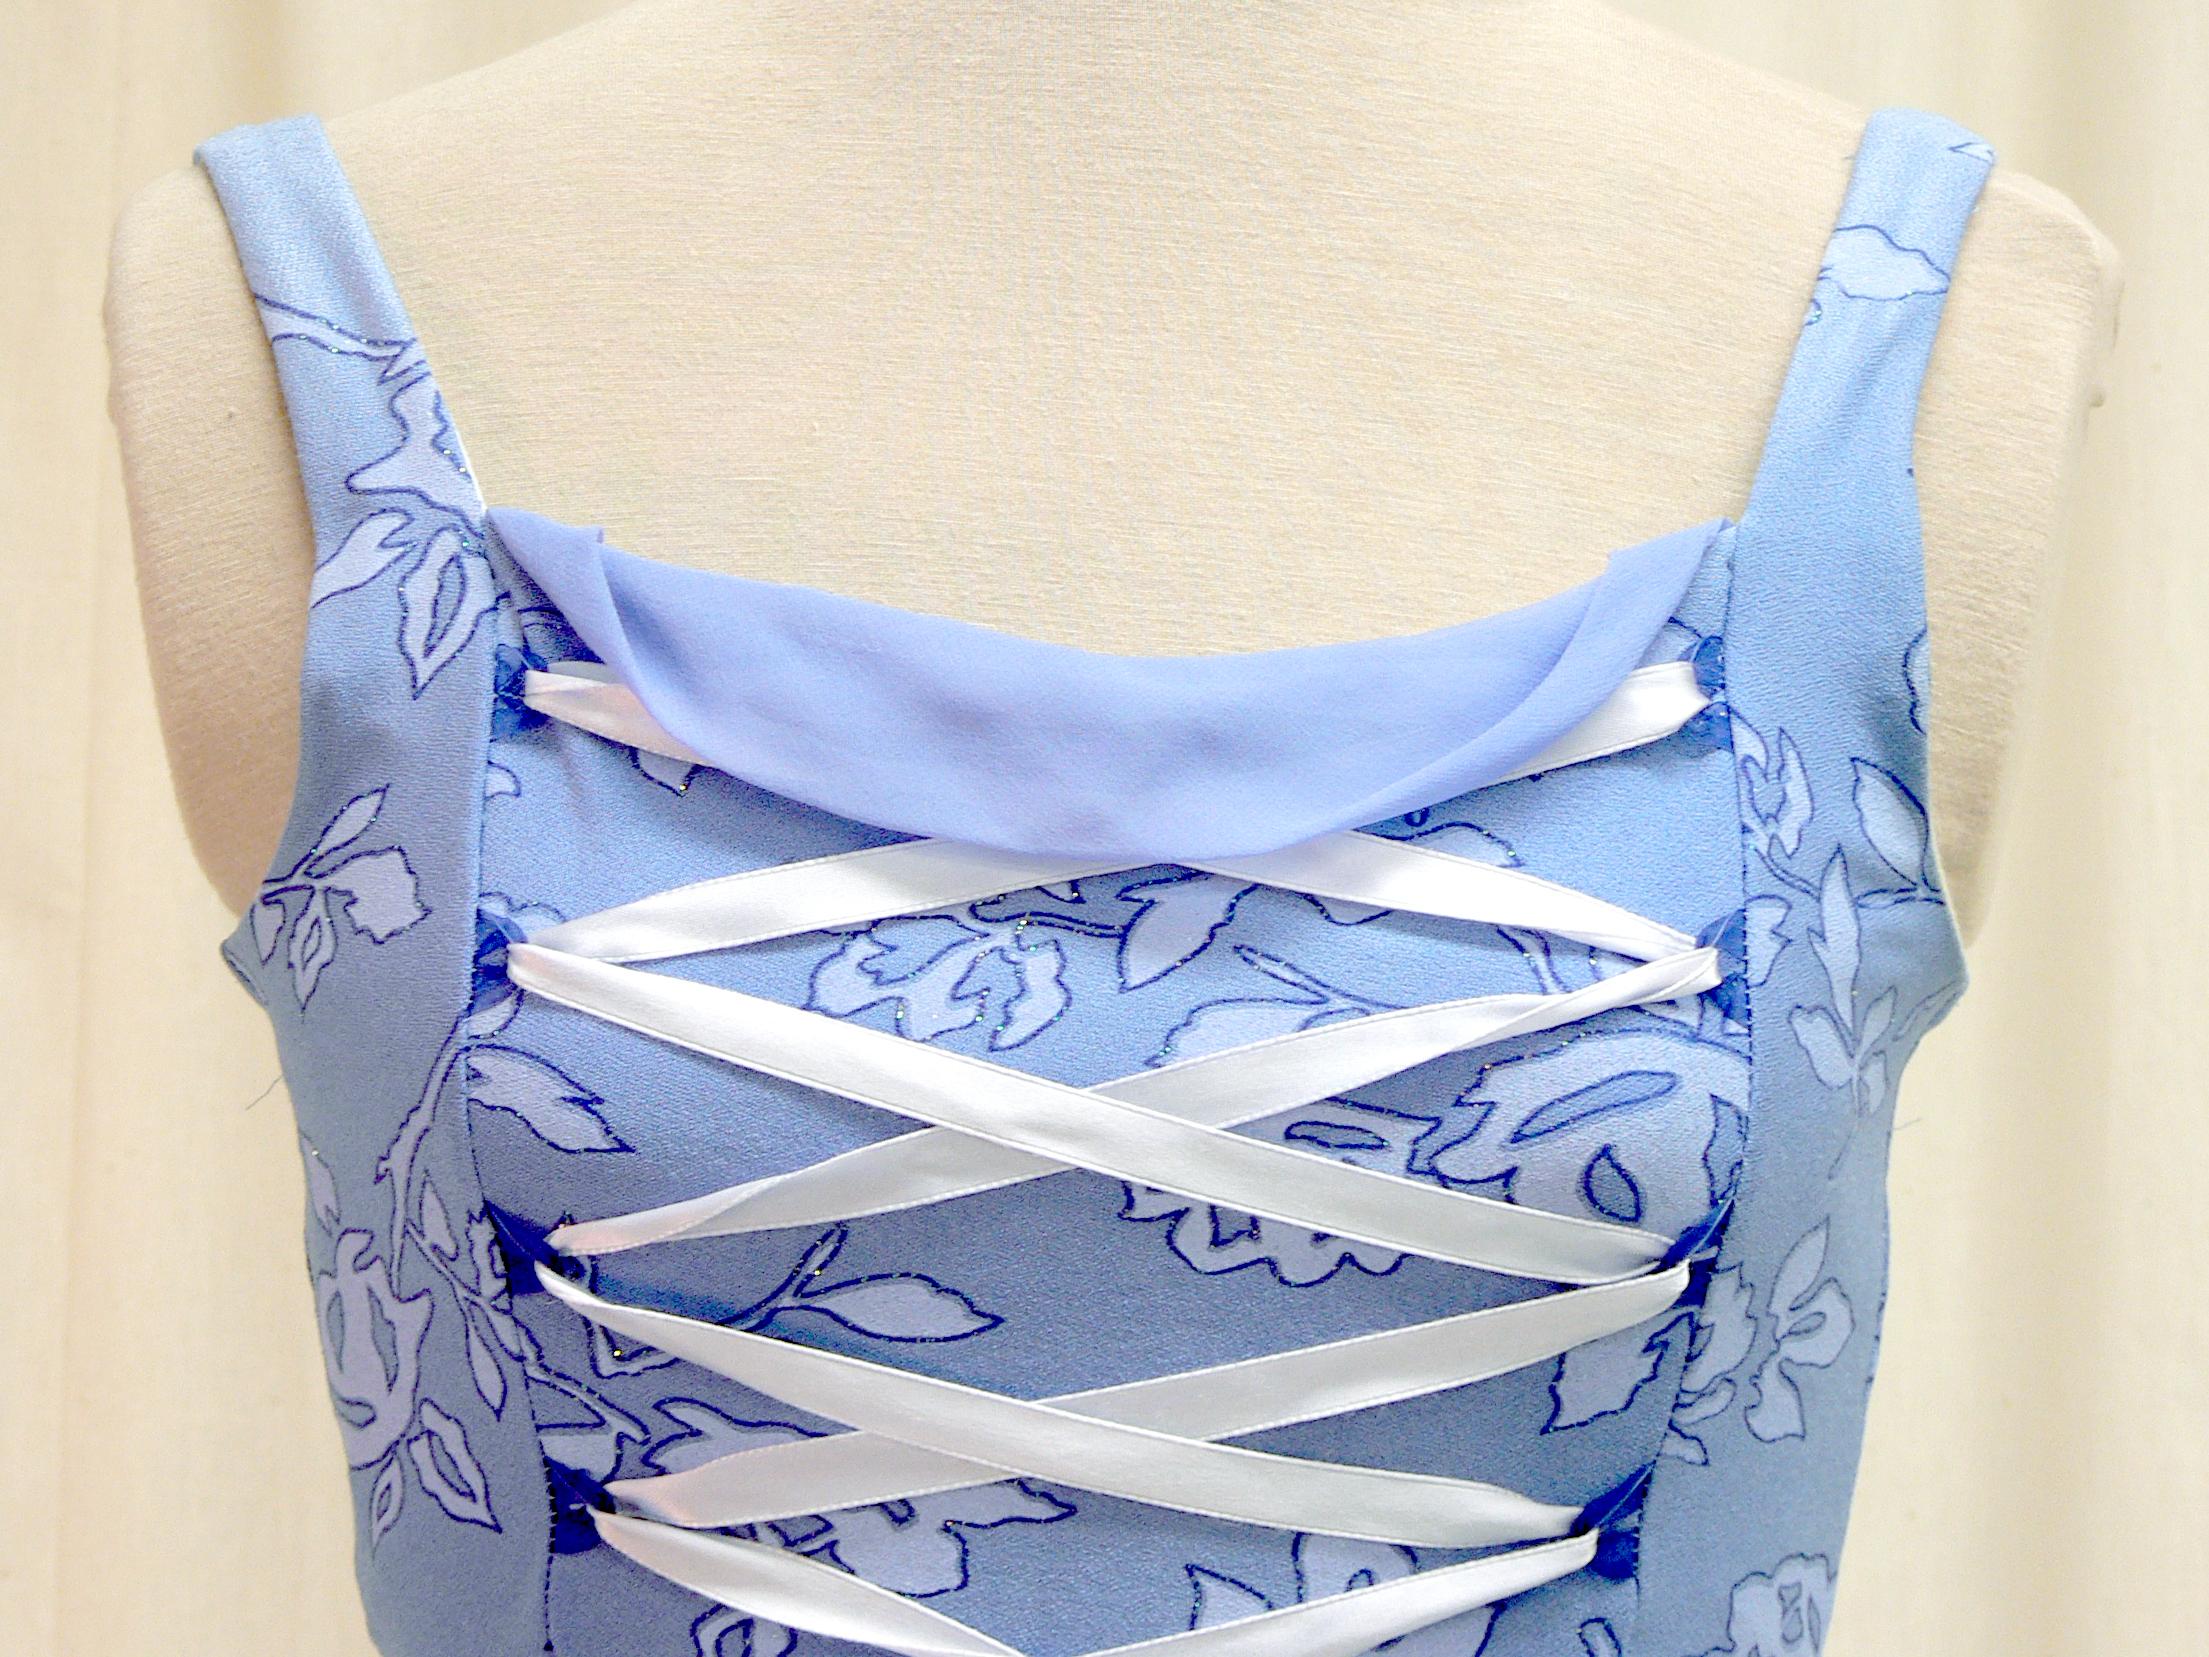 dressy022_detail_front2.jpg